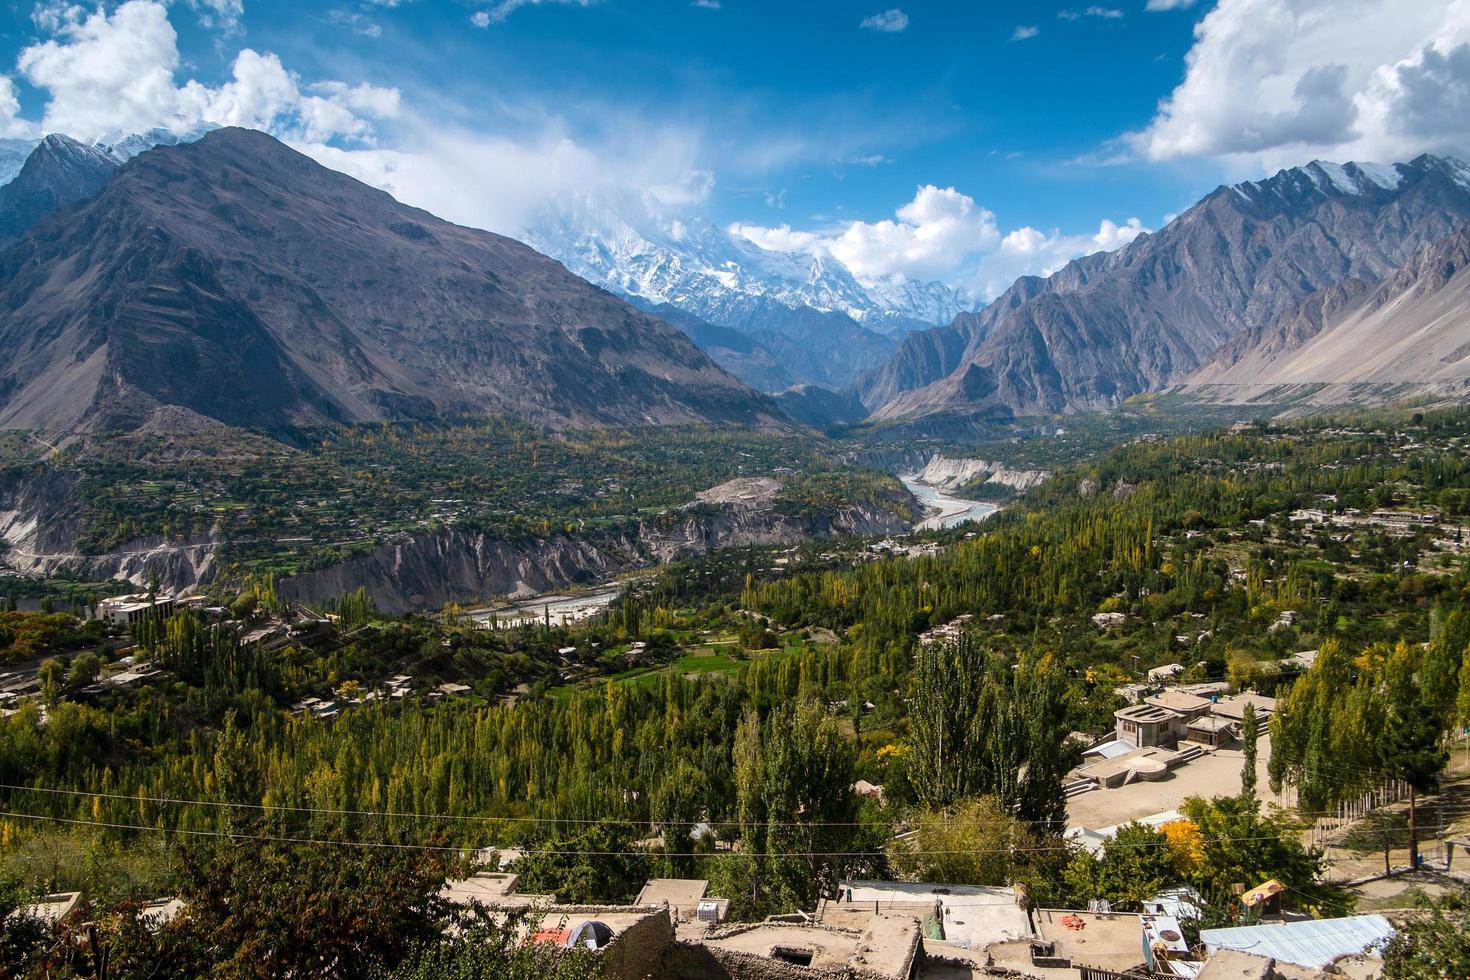 Vue aérienne du paysage de la vallée de Hunza Nagar photo